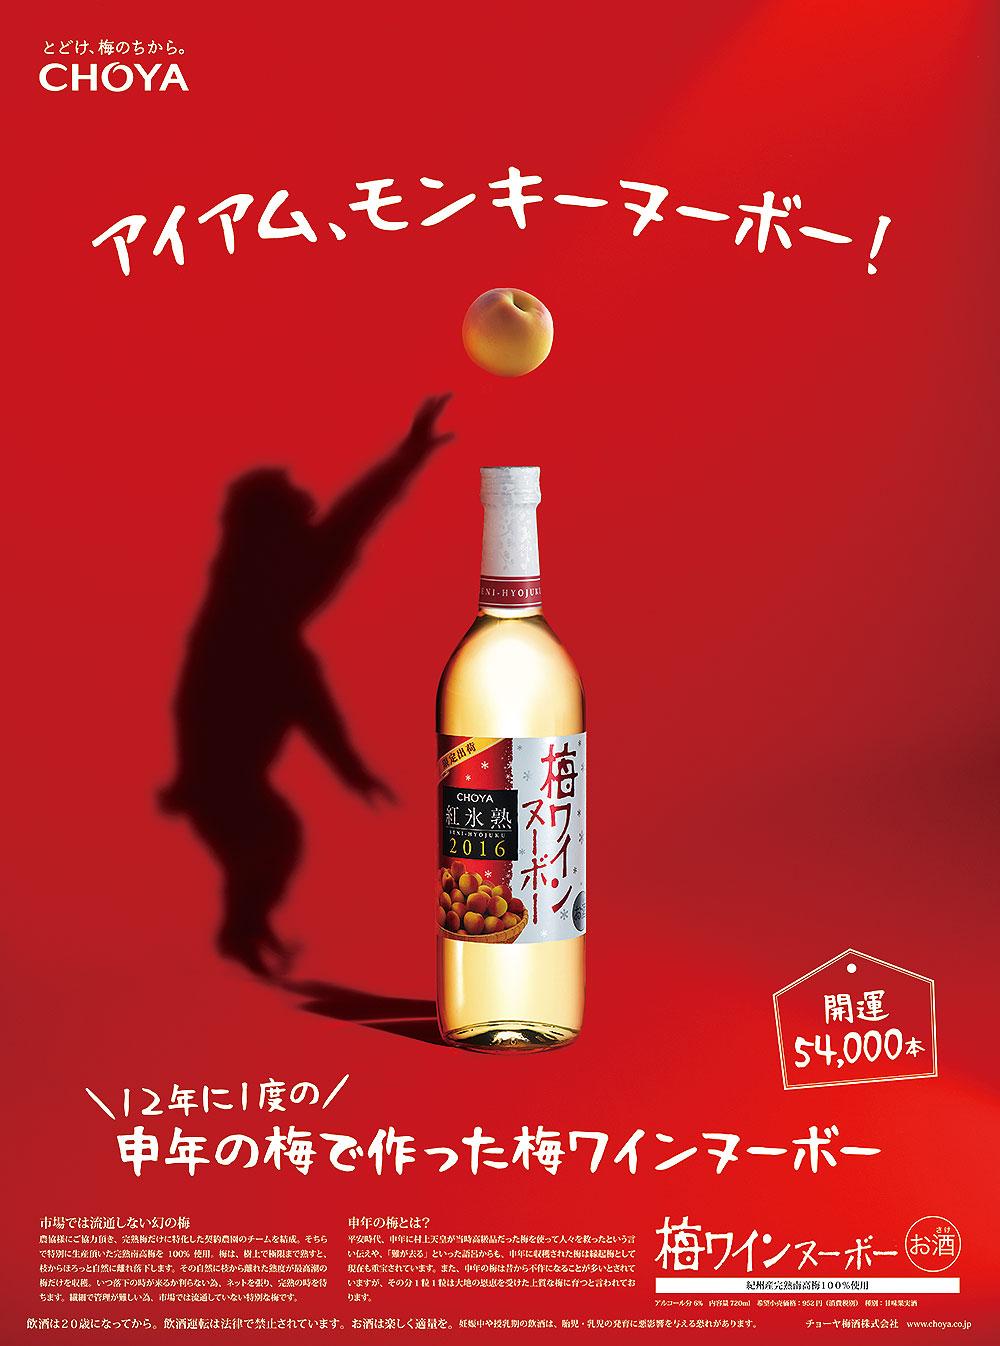 CHOYA 梅ワインヌーボー新聞広告デザイン